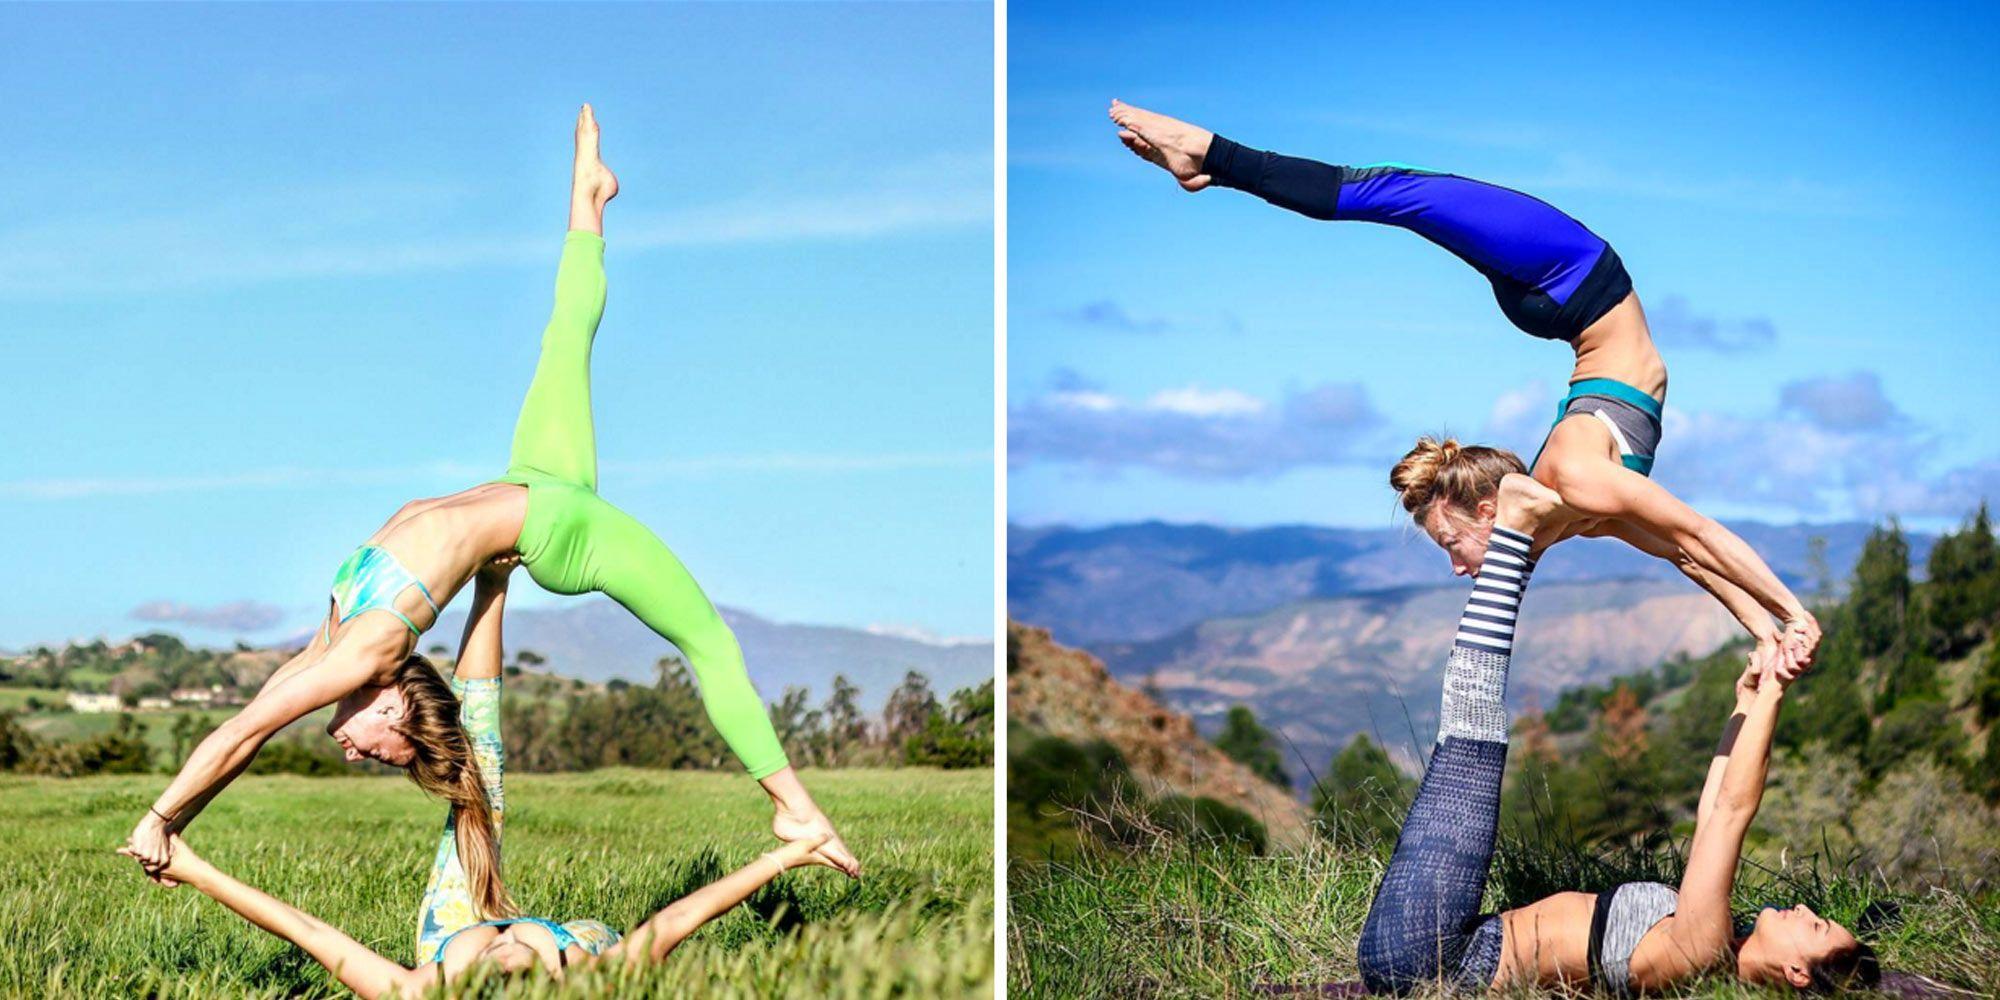 Partner Acro Yoga Challenge | Wajiyoga.co